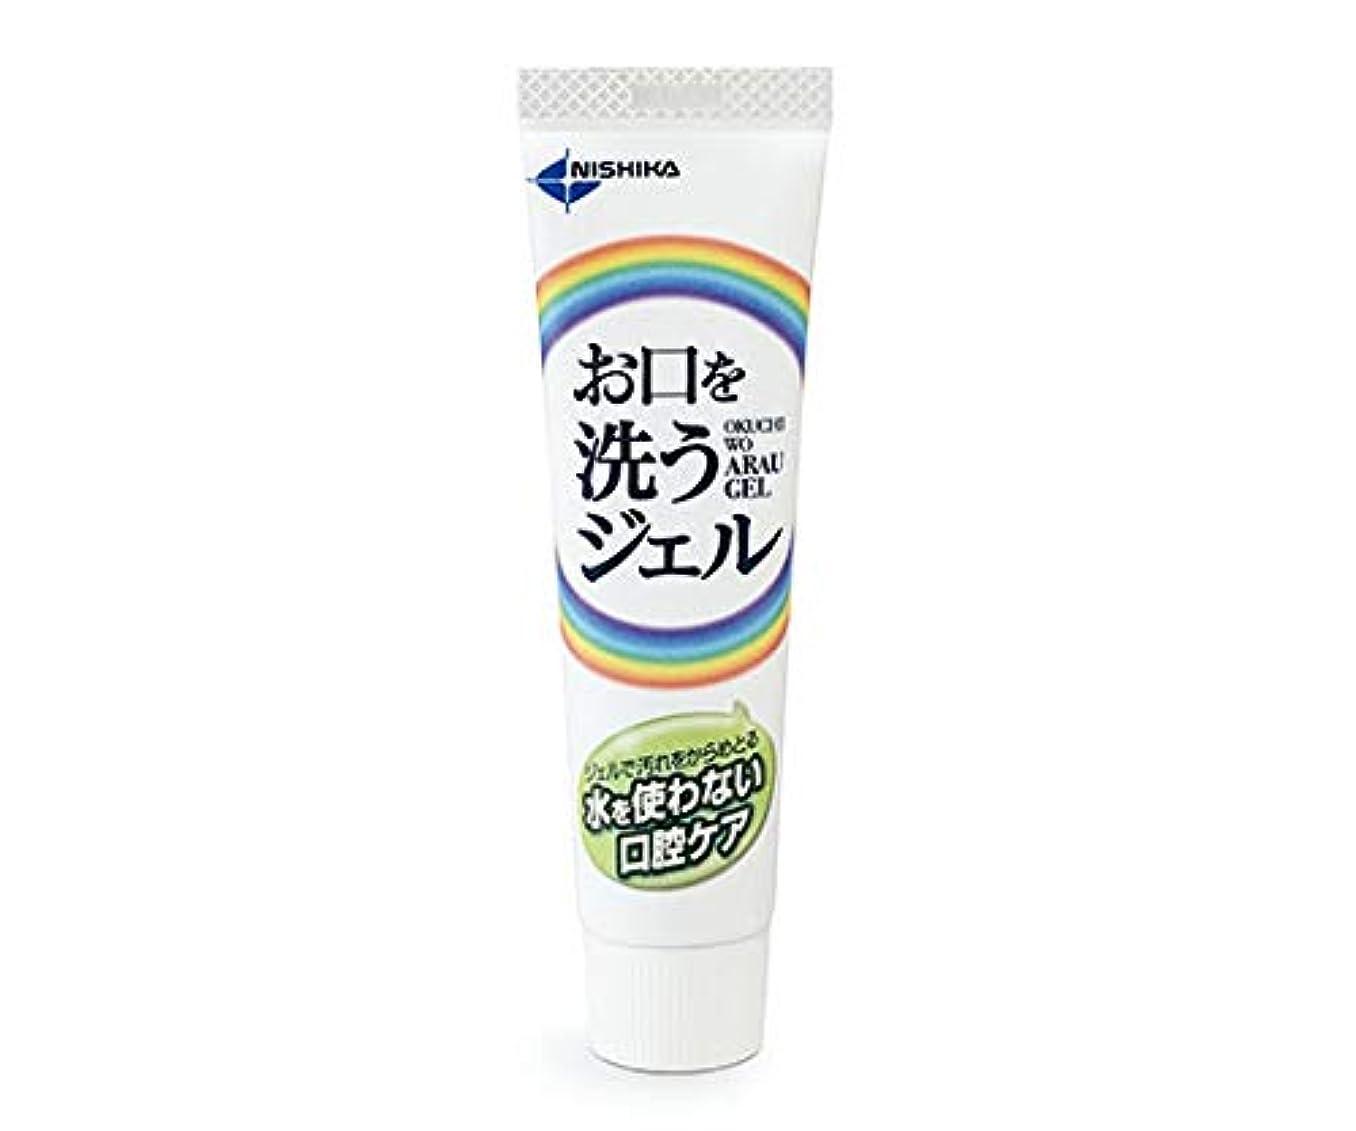 医薬品覆すアメリカ日本歯科薬品 お口を洗うジェル(口腔ケア用ジェル) 25g